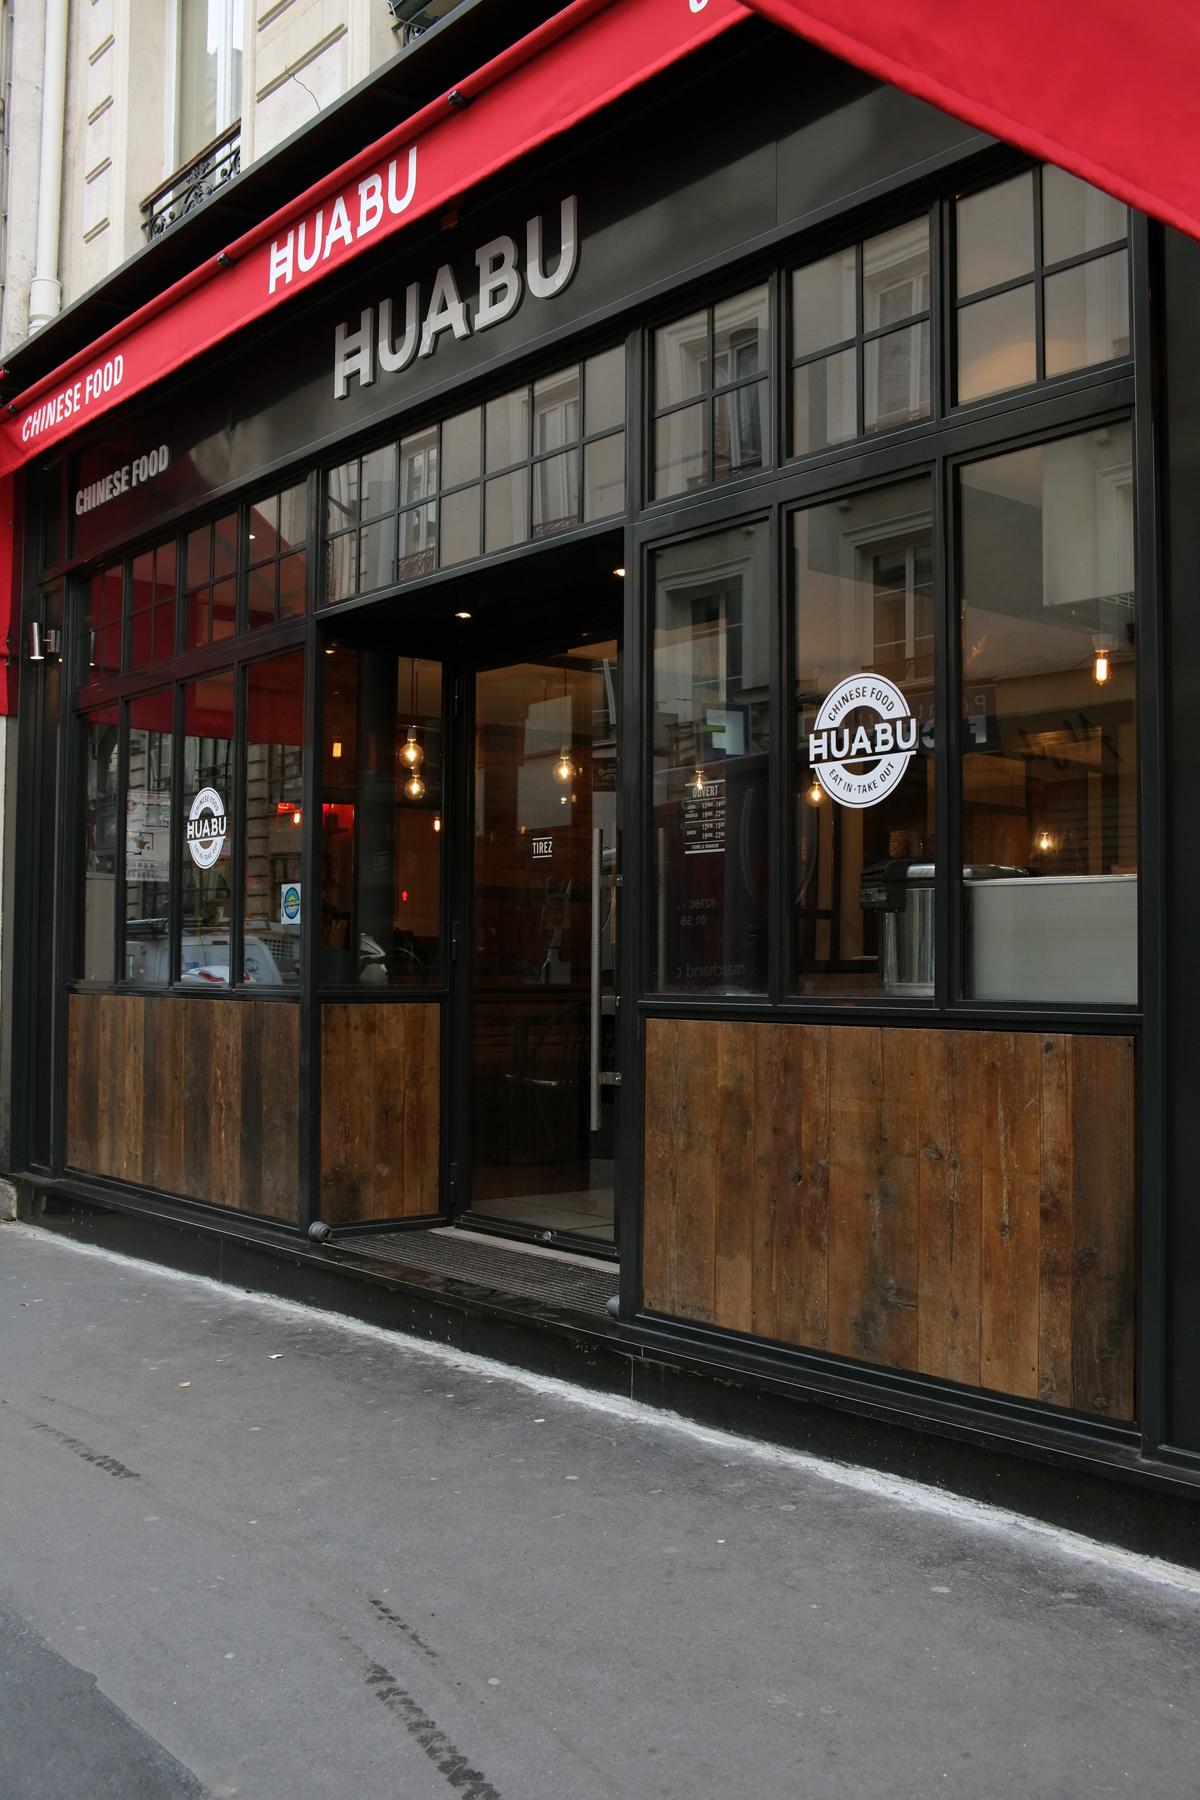 huabu-restaurant-facade